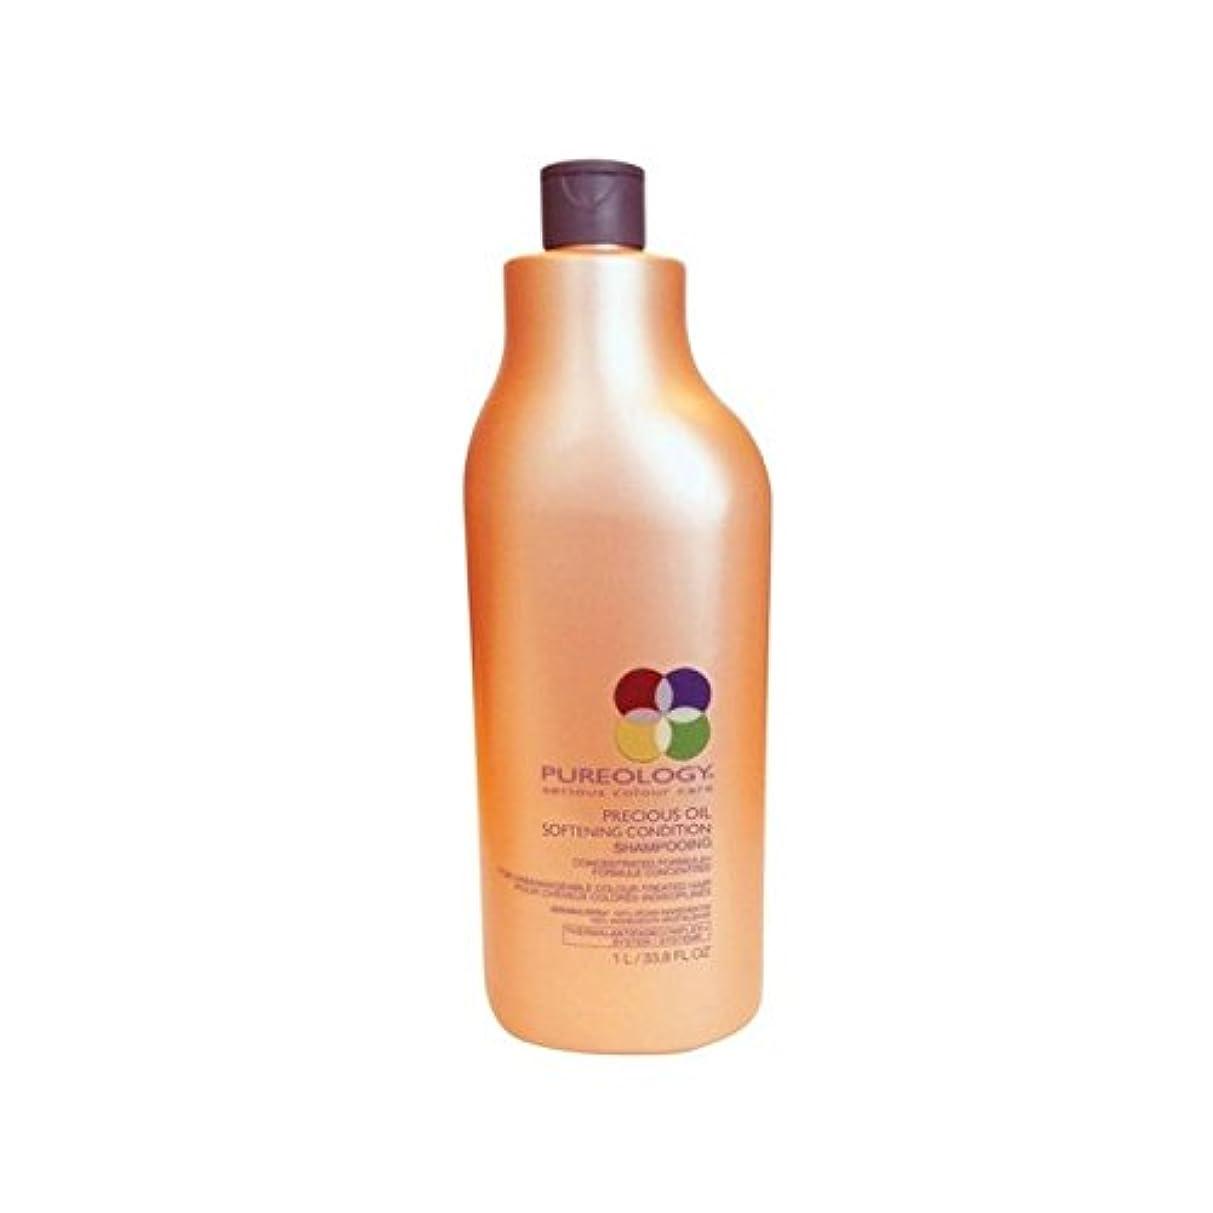 焦がす知る漫画貴重なオイルコンディショナー(千ミリリットル) x4 - Pureology Precious Oil Conditioner (1000ml) (Pack of 4) [並行輸入品]